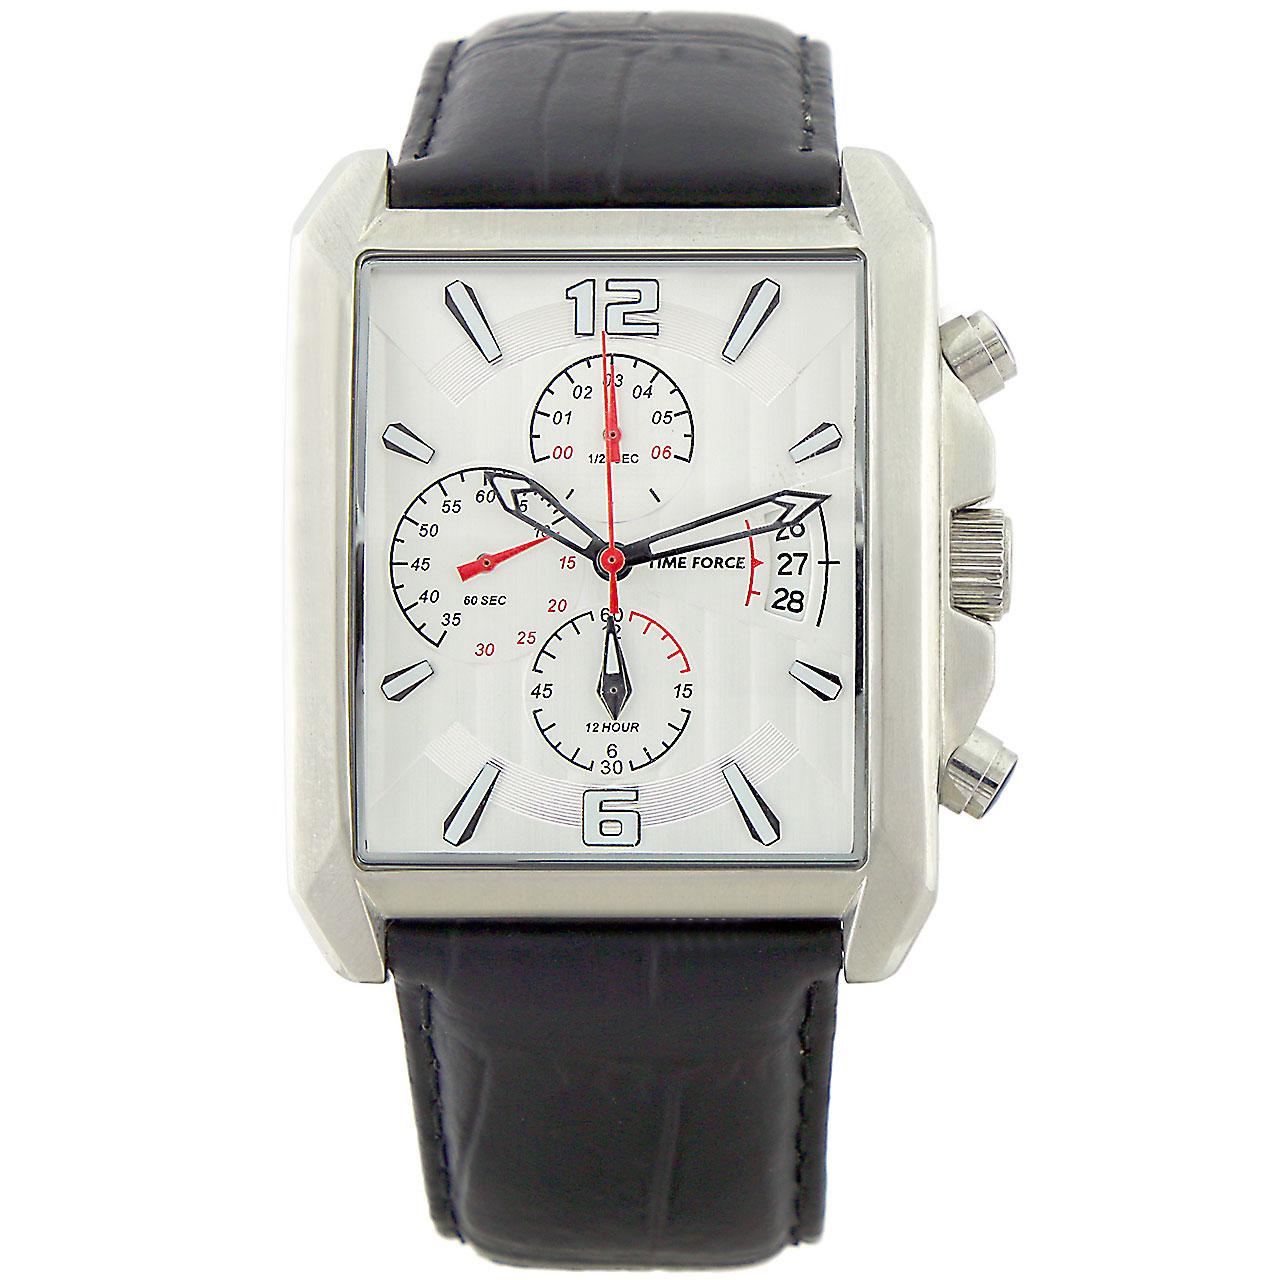 ساعت مچی عقربه ای مردانه تایم فورس مدل TF3308M02